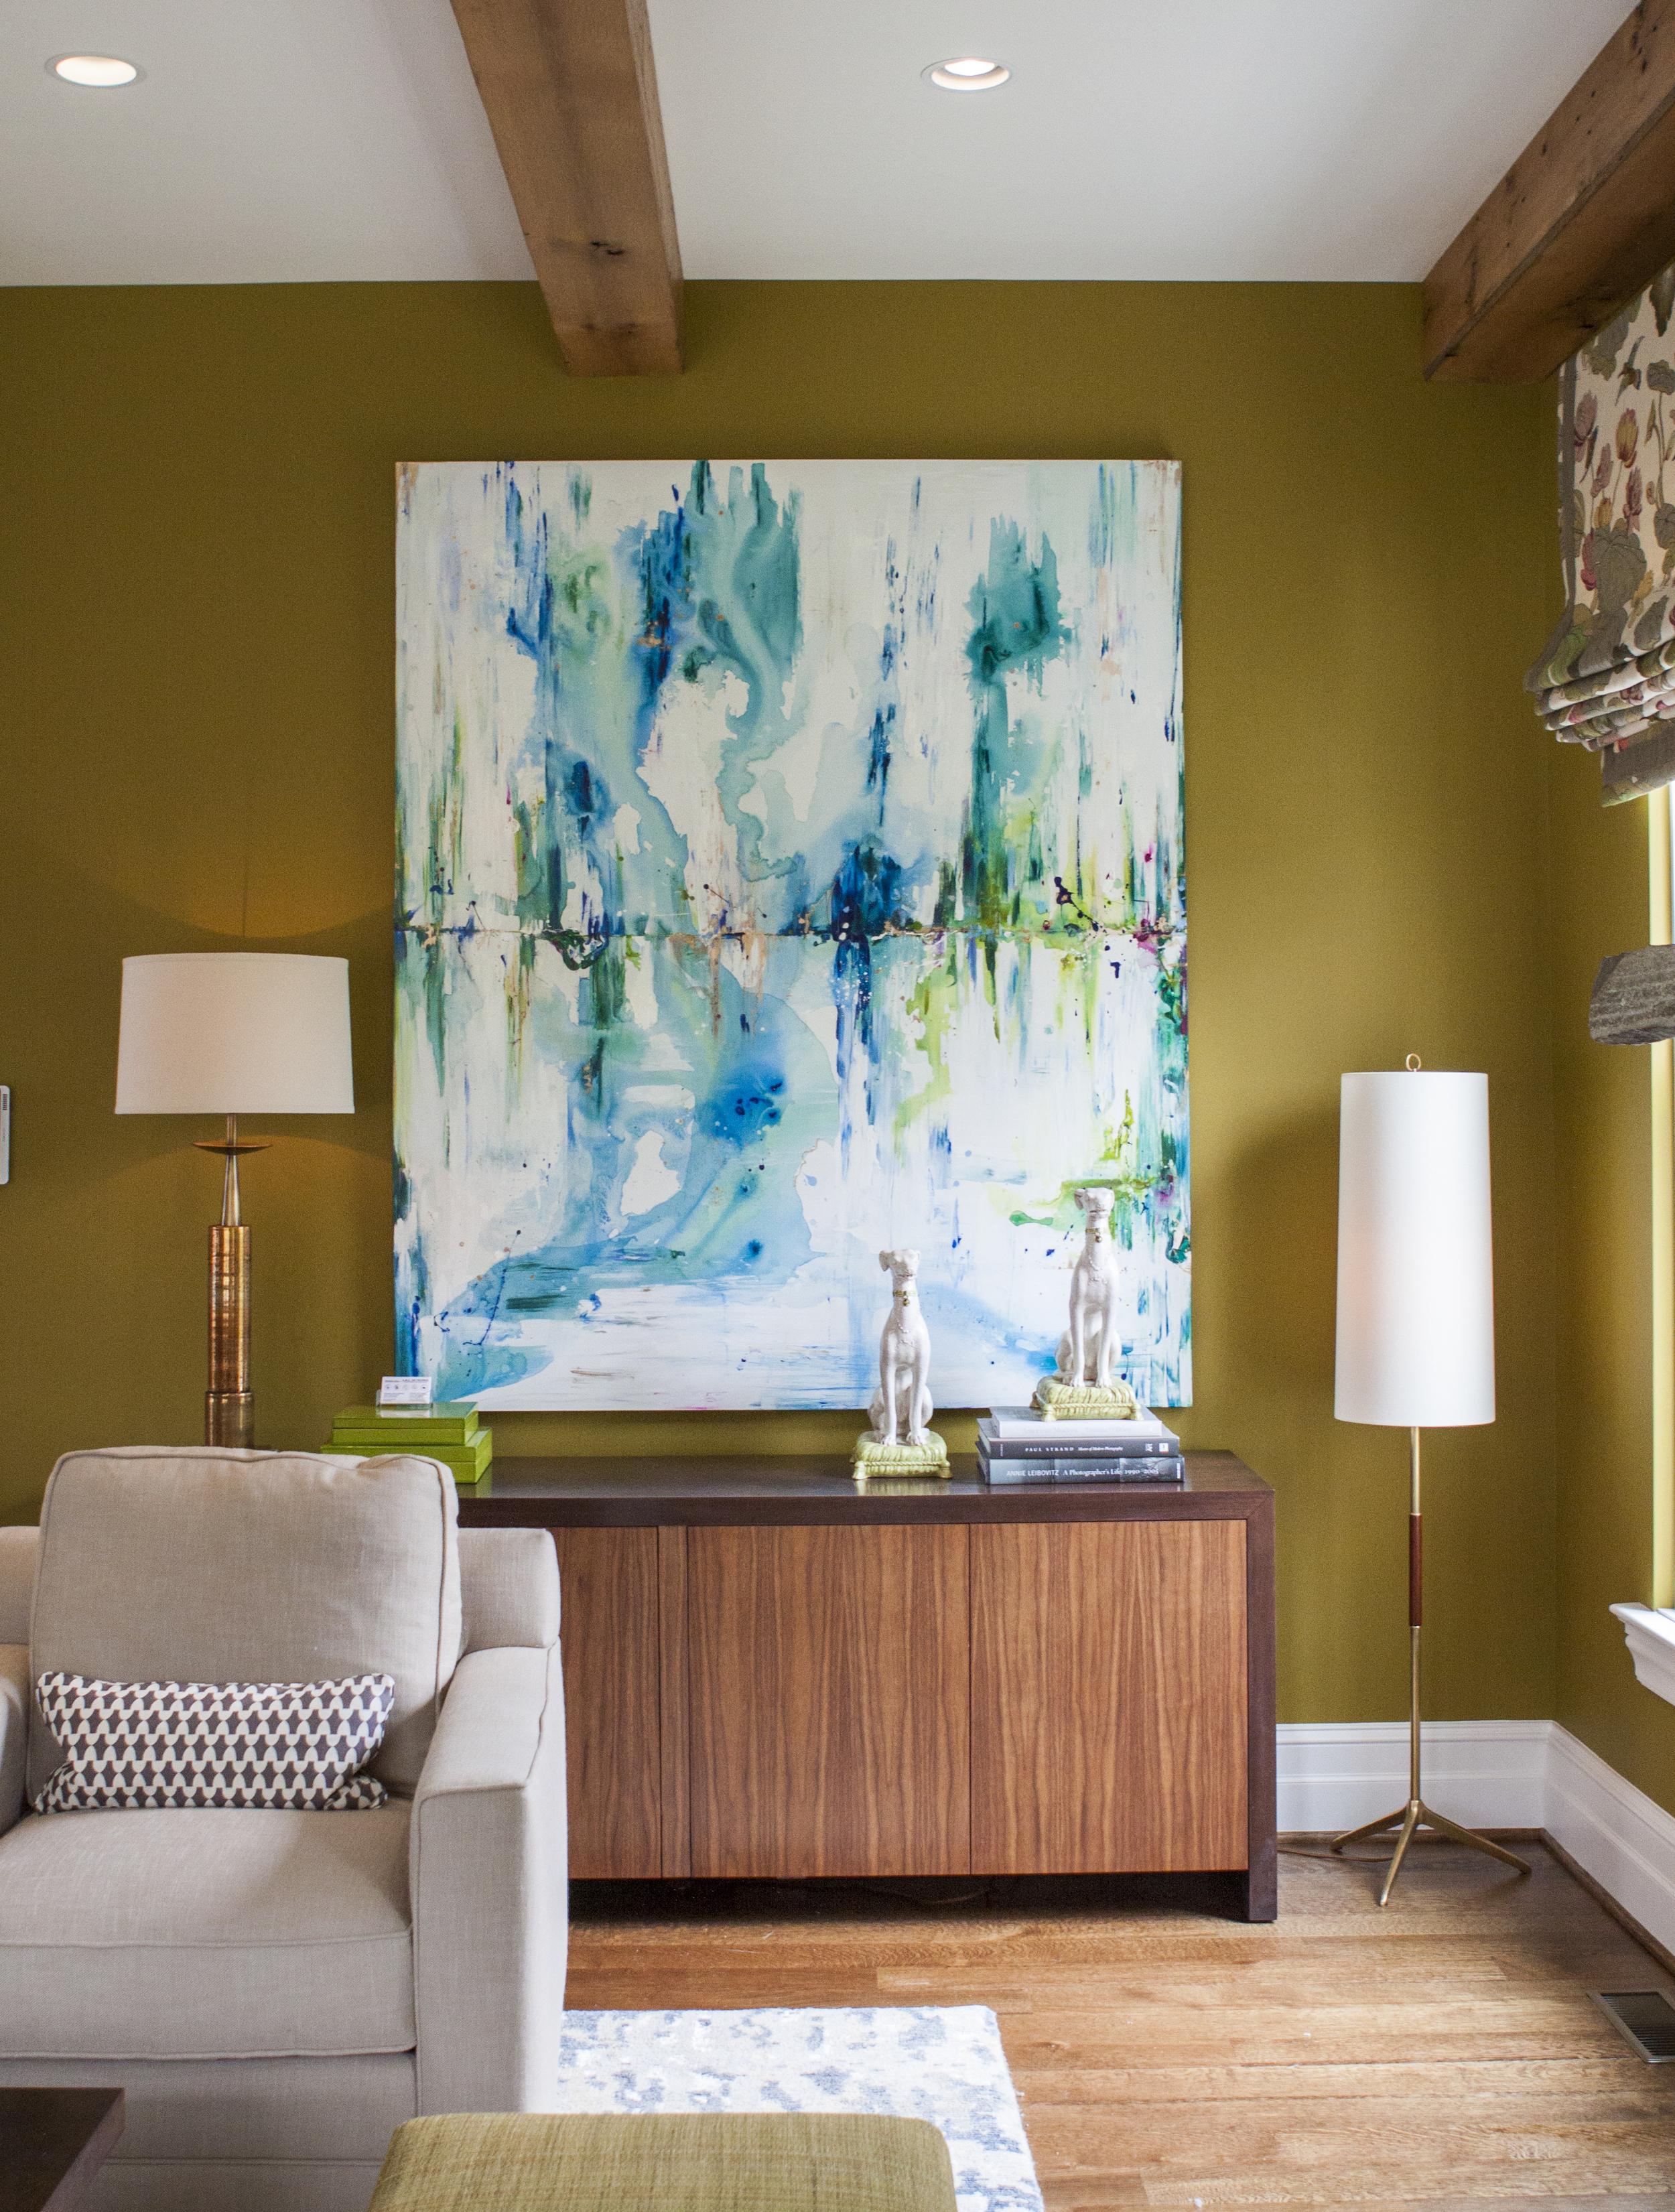 Designer: Iantha Carley